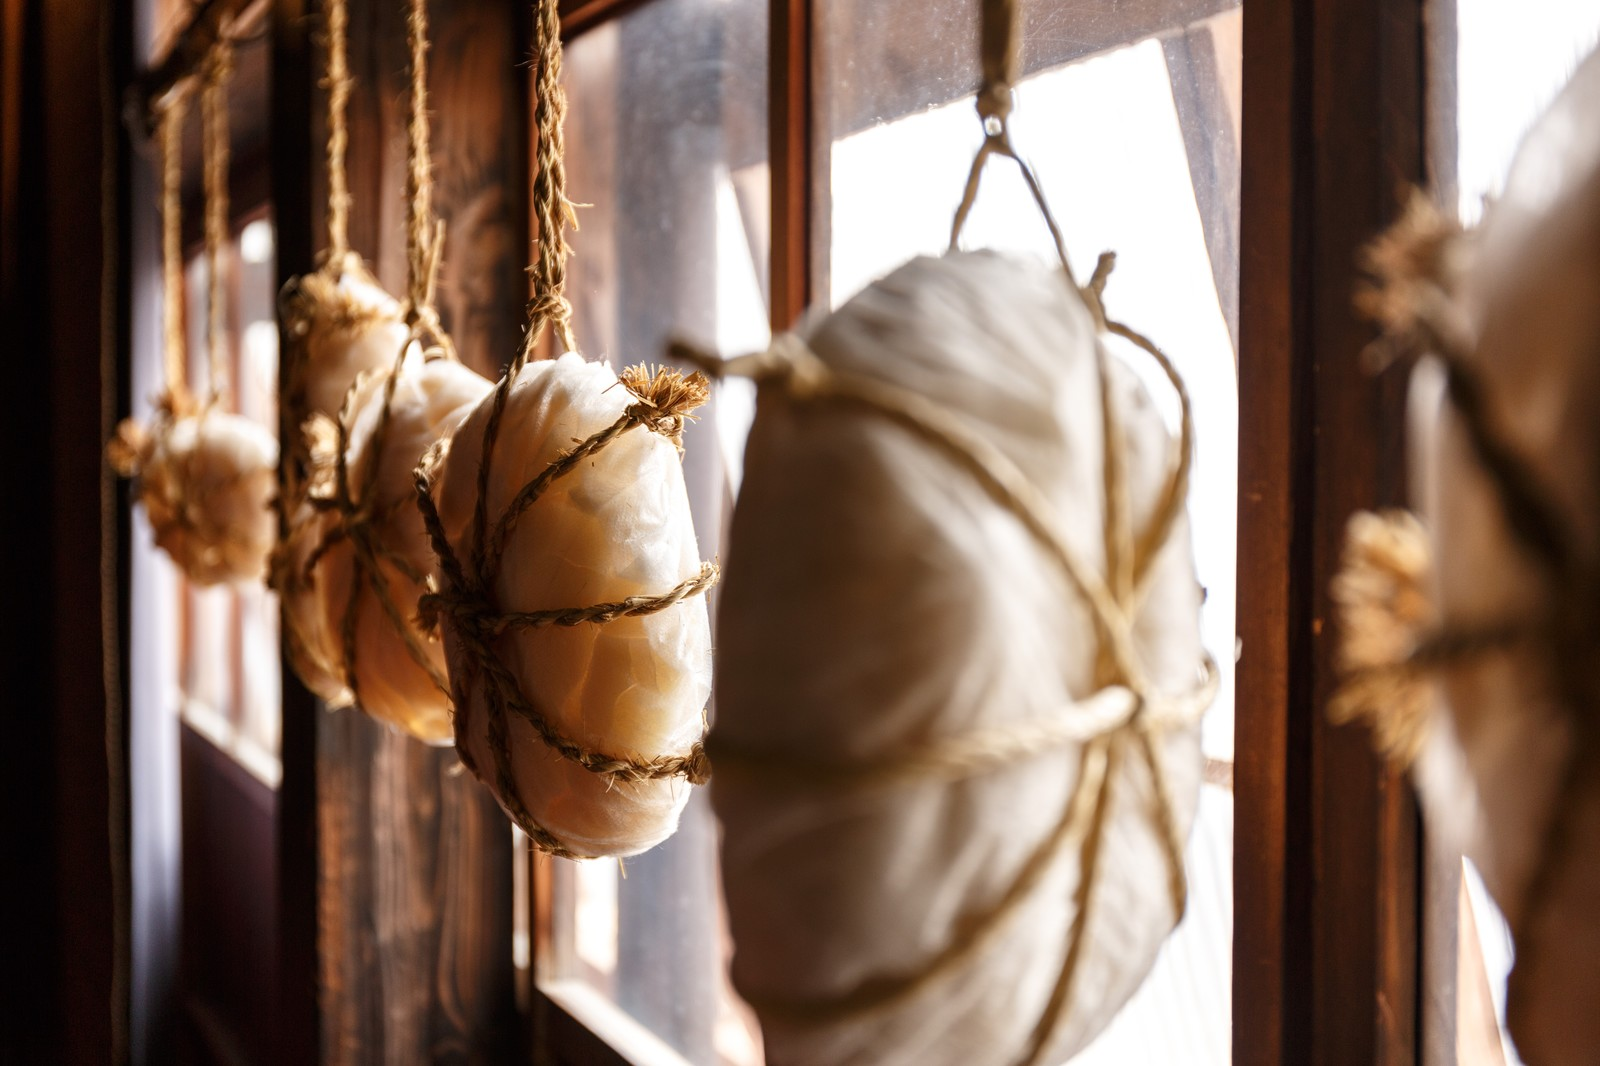 「窓辺に吊り下げられた餅窓辺に吊り下げられた餅」のフリー写真素材を拡大